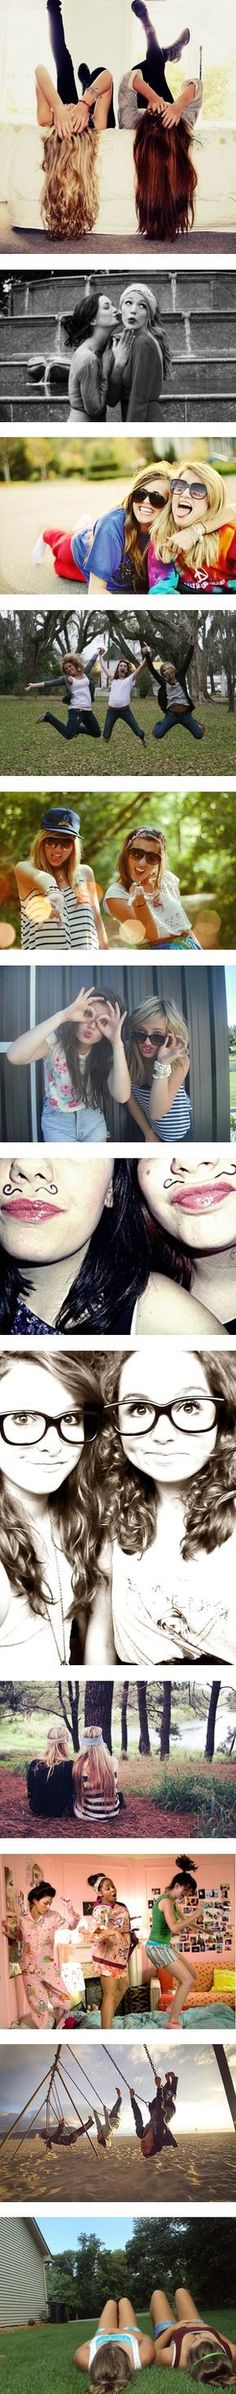 Hasta la risa mas boba se convierte en carcajada #Friendship